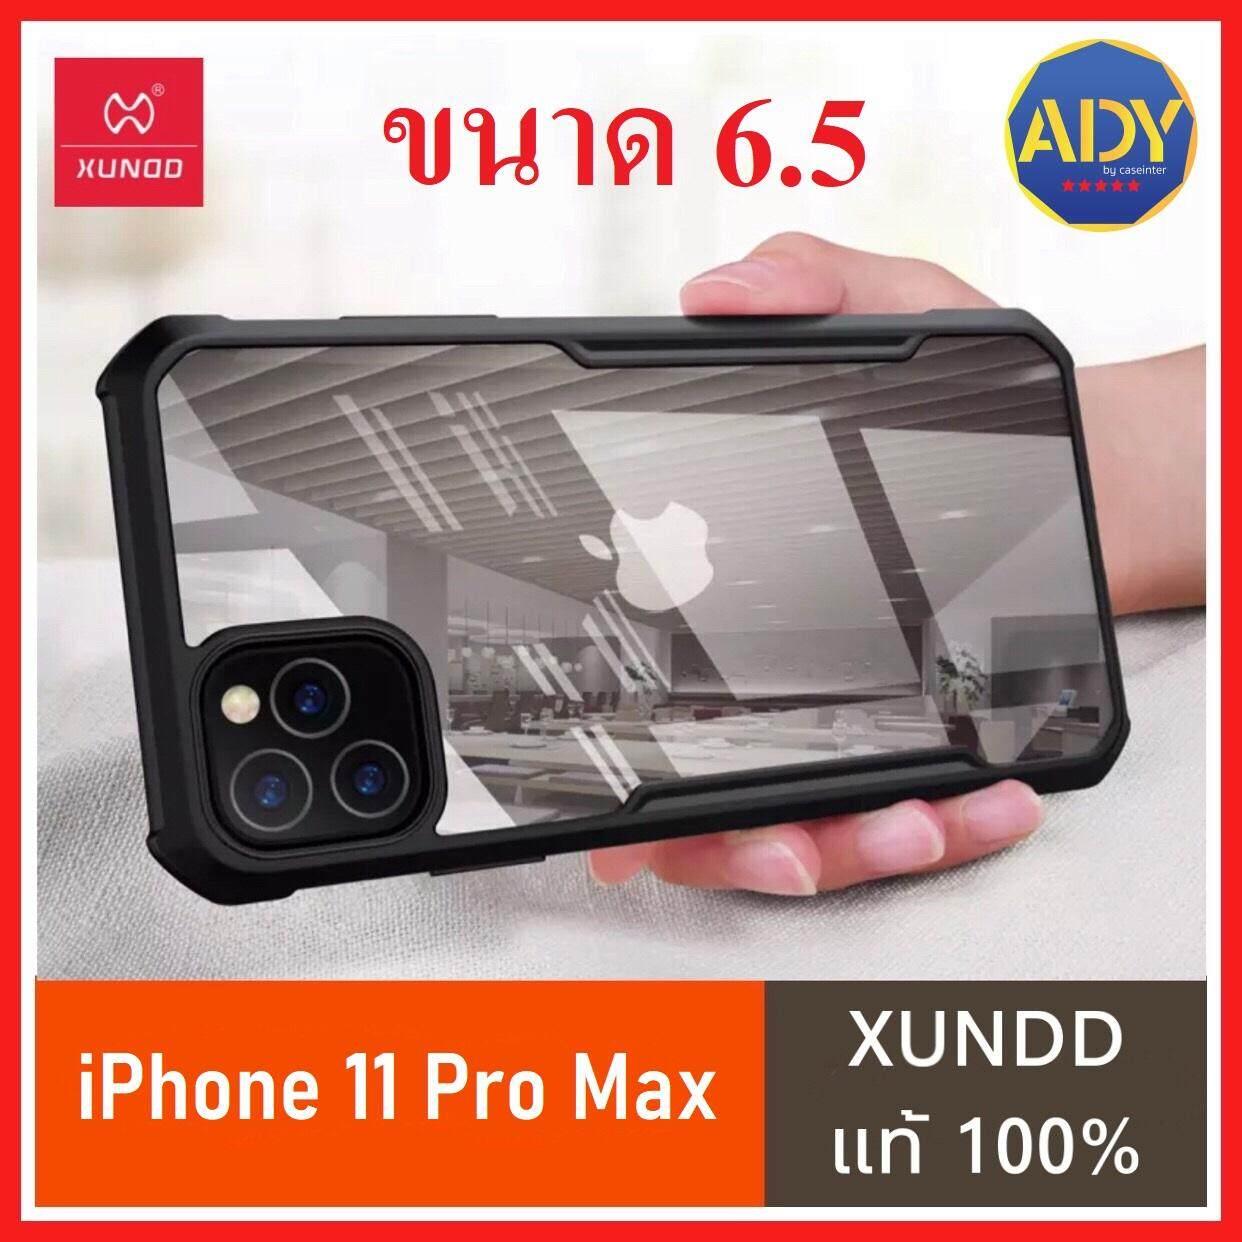 ❌[รับประกันสินค้า]❌ Xundd Case Iphone 11 Pro Max เคสไอโฟน 11pro Max เคสของแท้ Iphone 11pro Max เคสกันกระแทก หลังใส คุณภาพดีเยี่ยม รุ่น Beatle Series Iphone11promax เคสกันรอย เคสยี่ห้อ พรีเมี่ยมเคส.